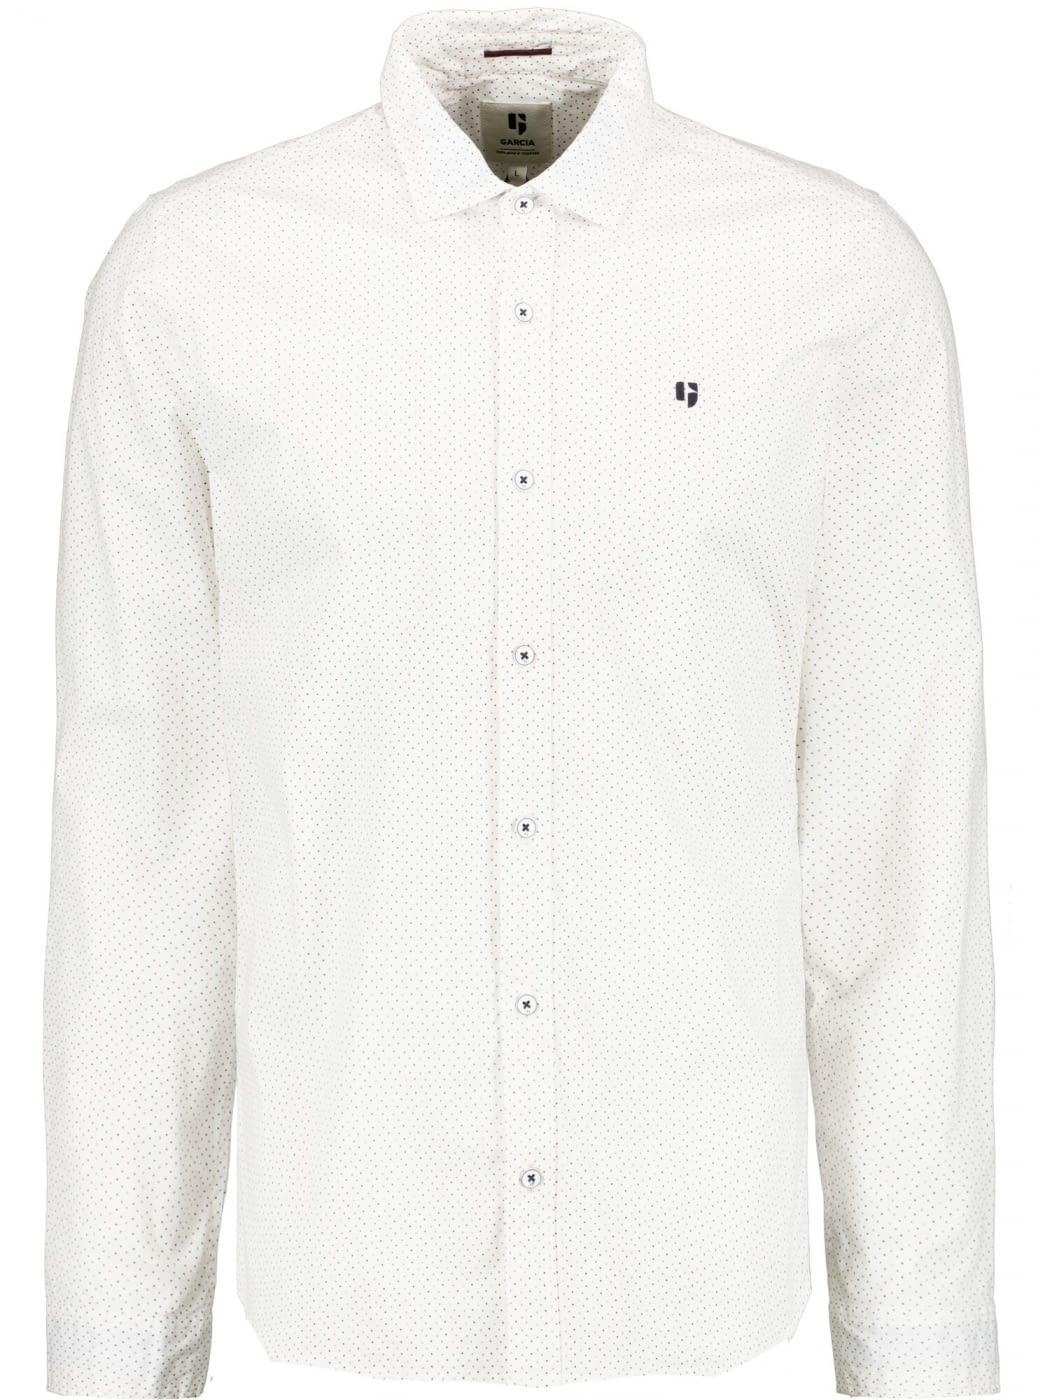 GARCIA camisa manga larga